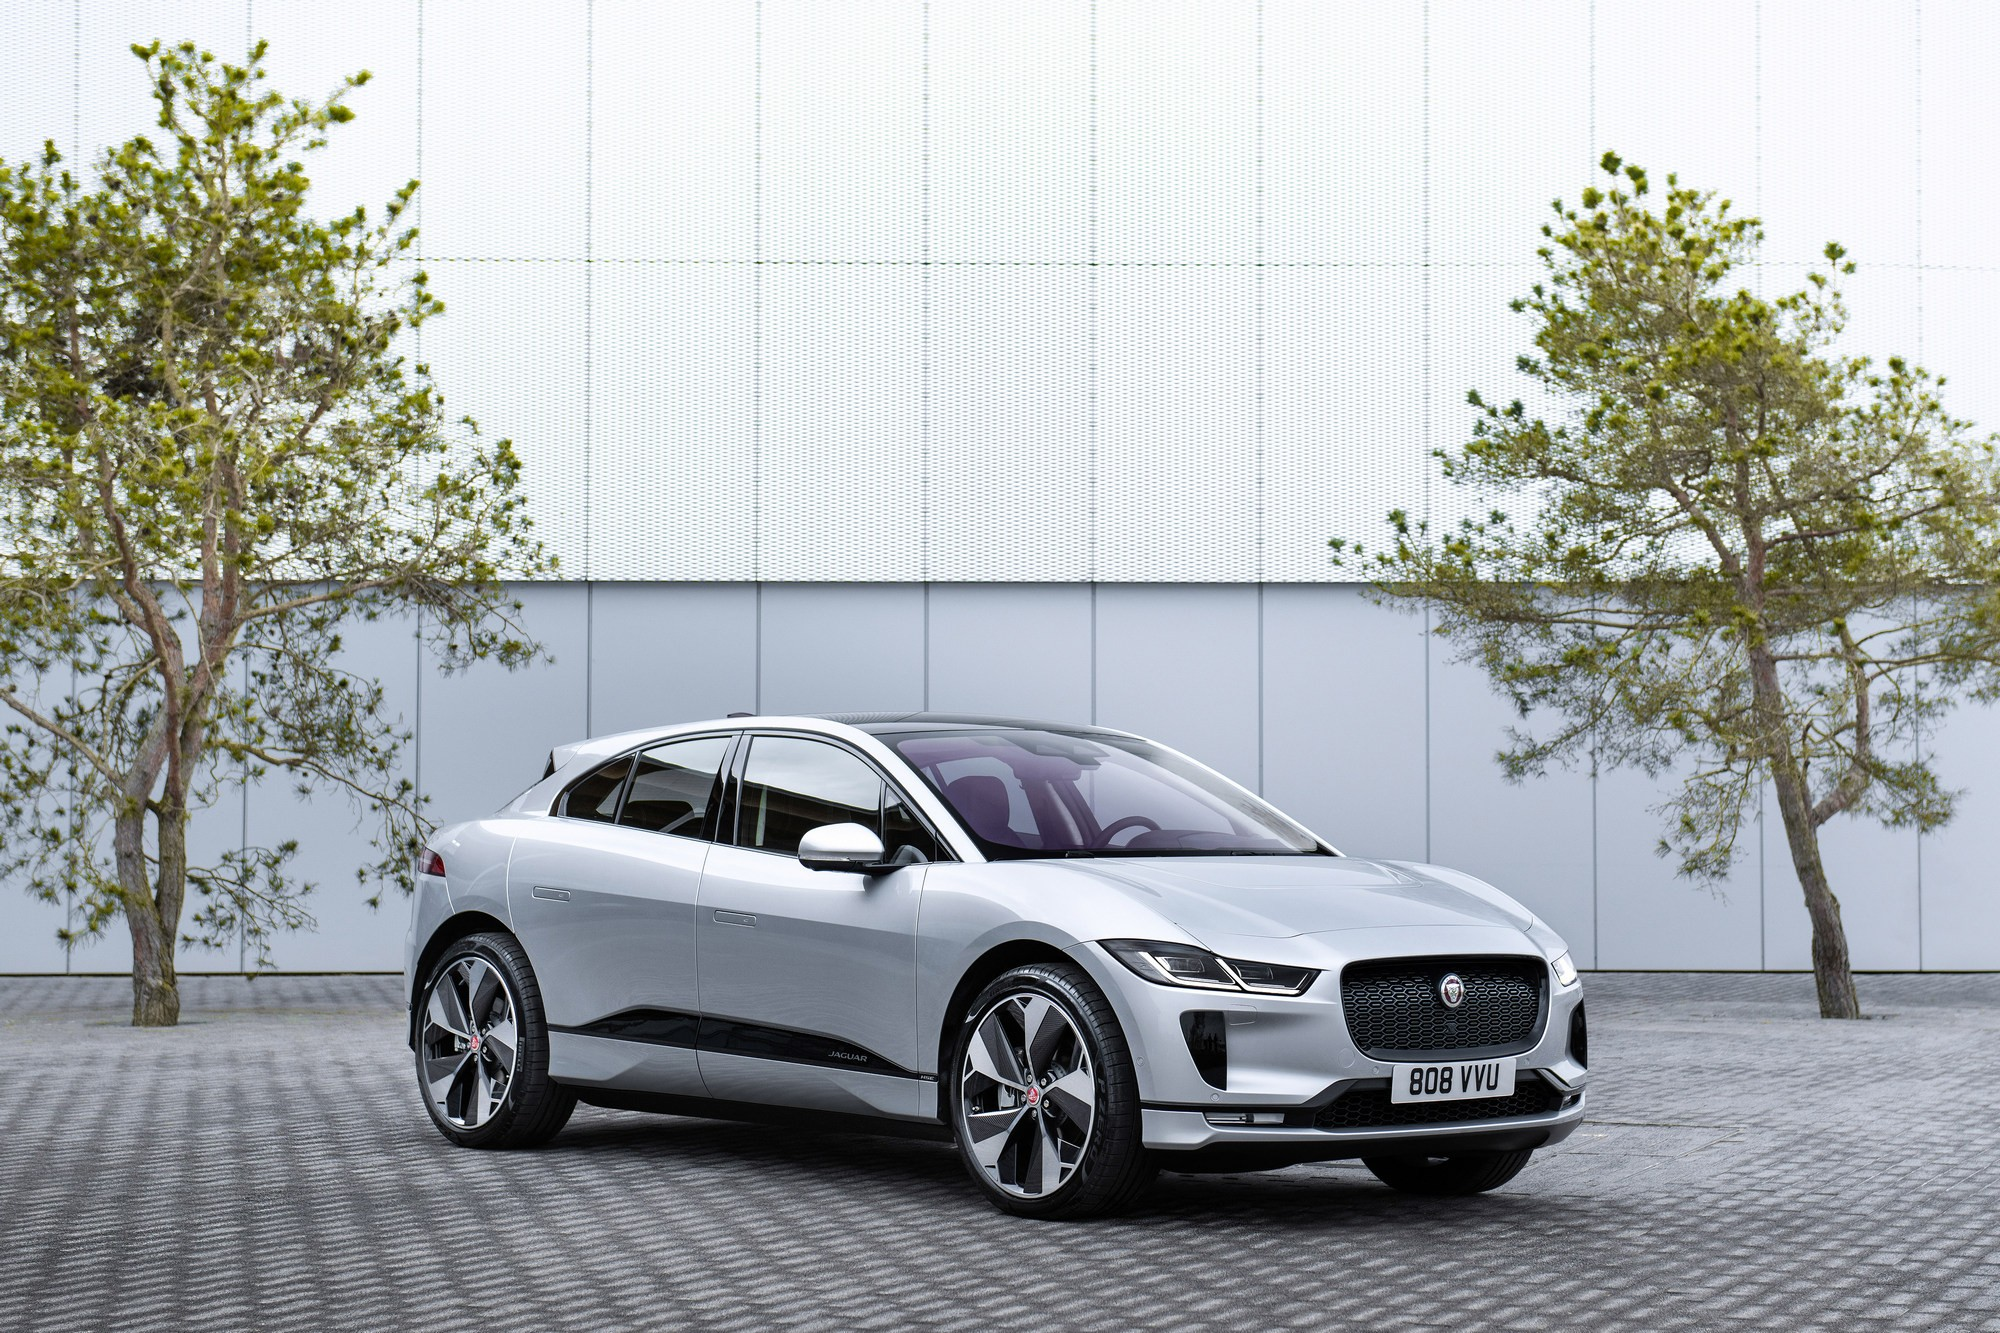 В Осло построят сеть беспроводных зарядок для электрических такси первыми участниками проекта Electri City станут электрокроссоверы Jaguar I-Pace